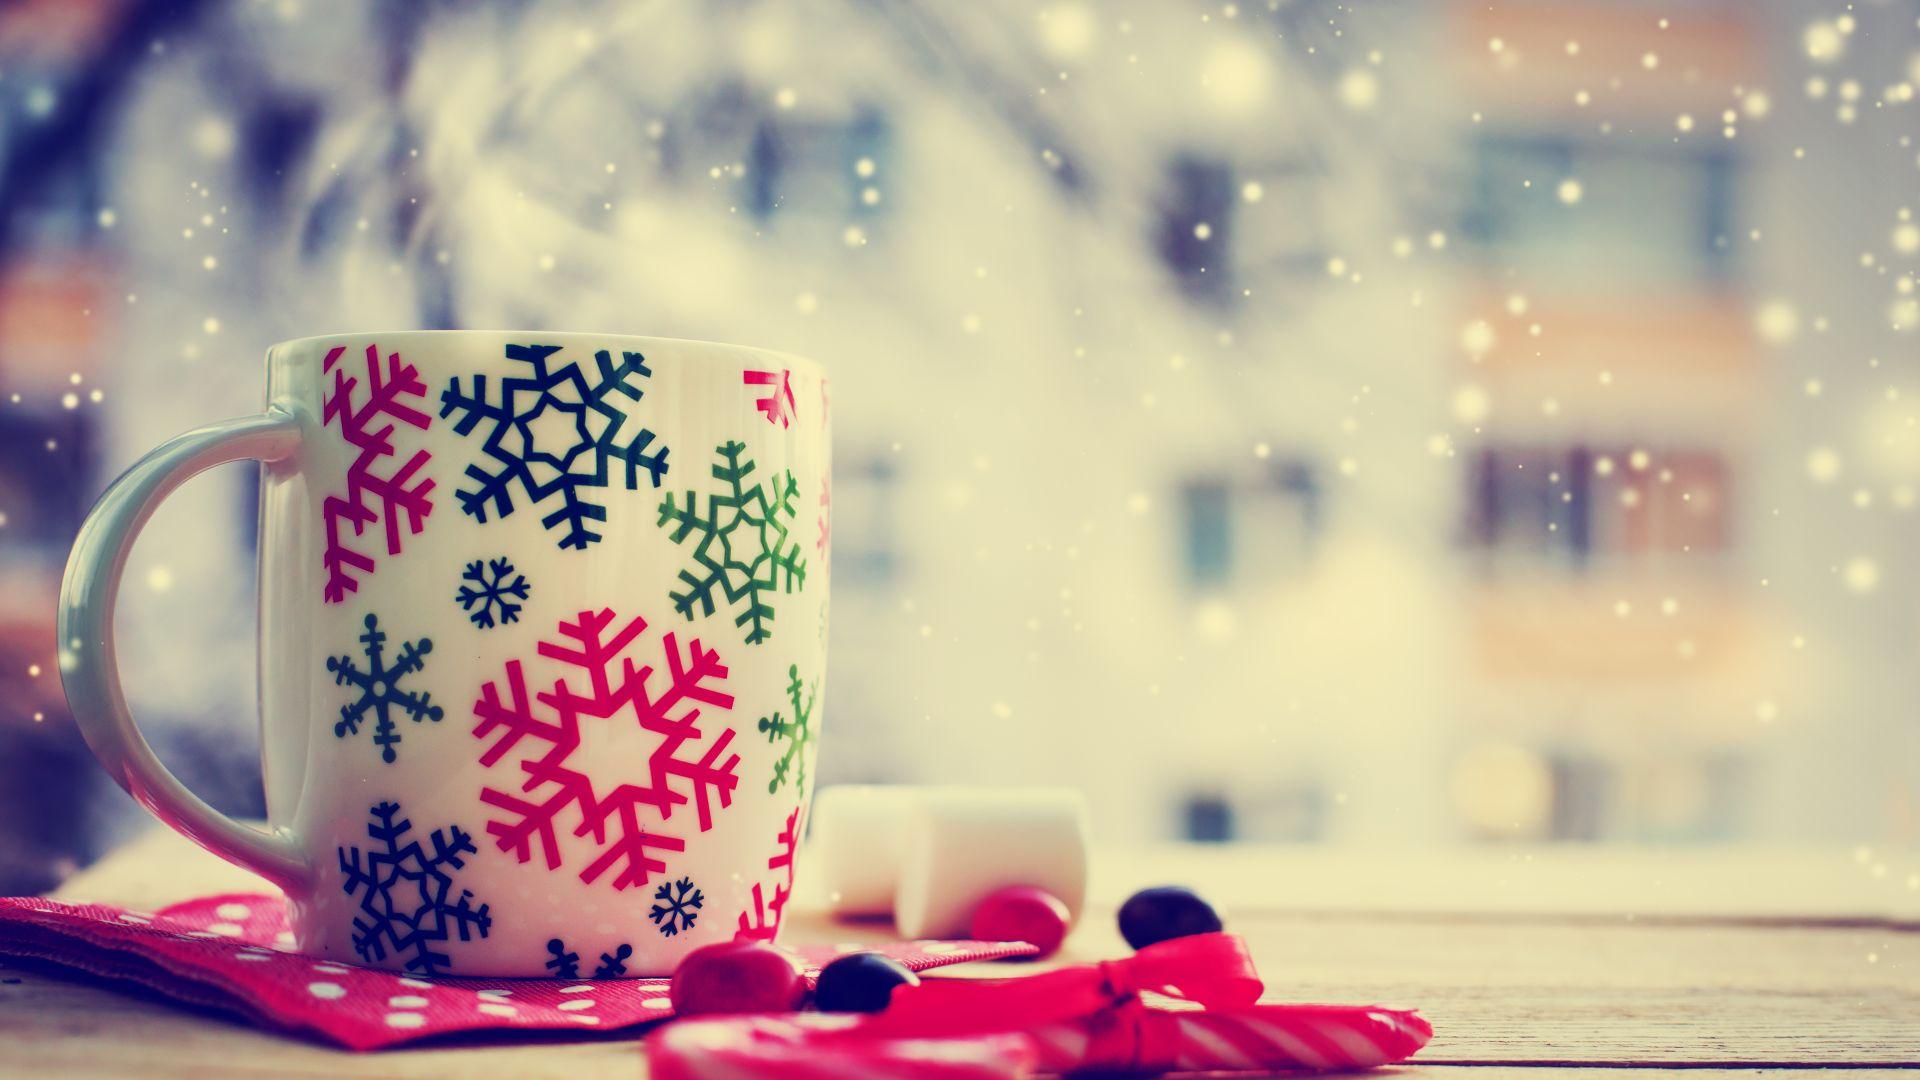 картинки чашек зимой делается для того